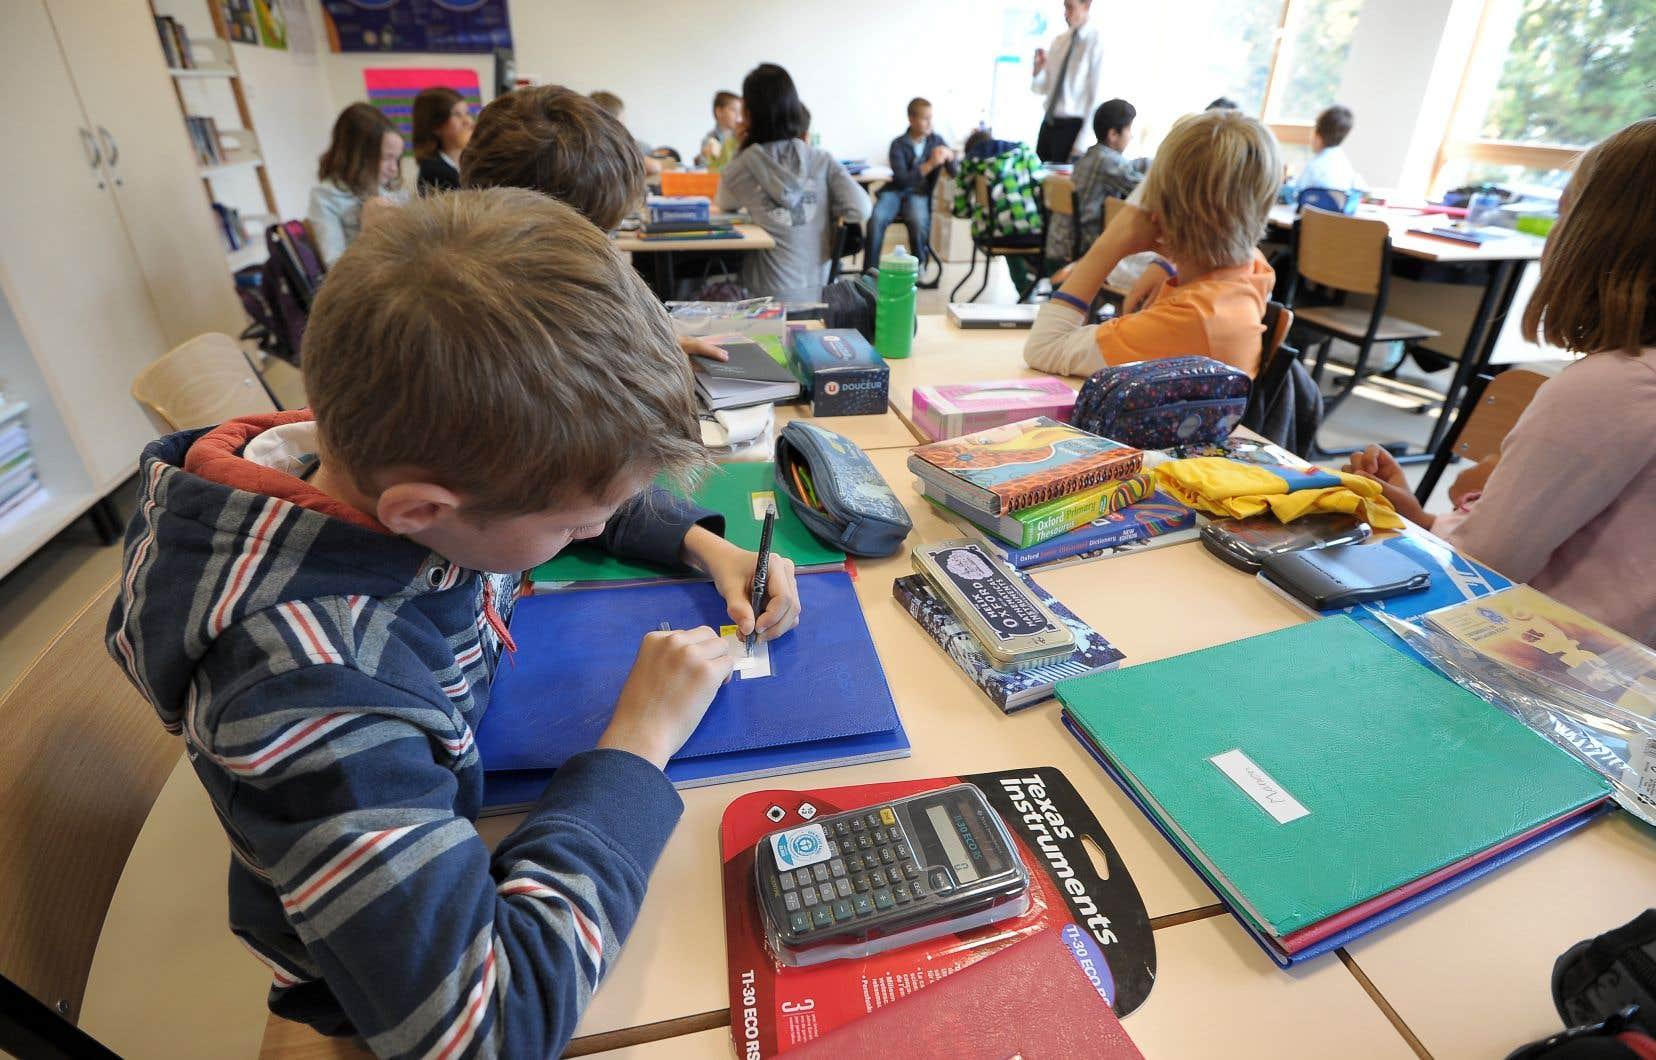 La mission première du ministère de l'Éducation est d'assurer la réussite scolaire de tous les élèves.